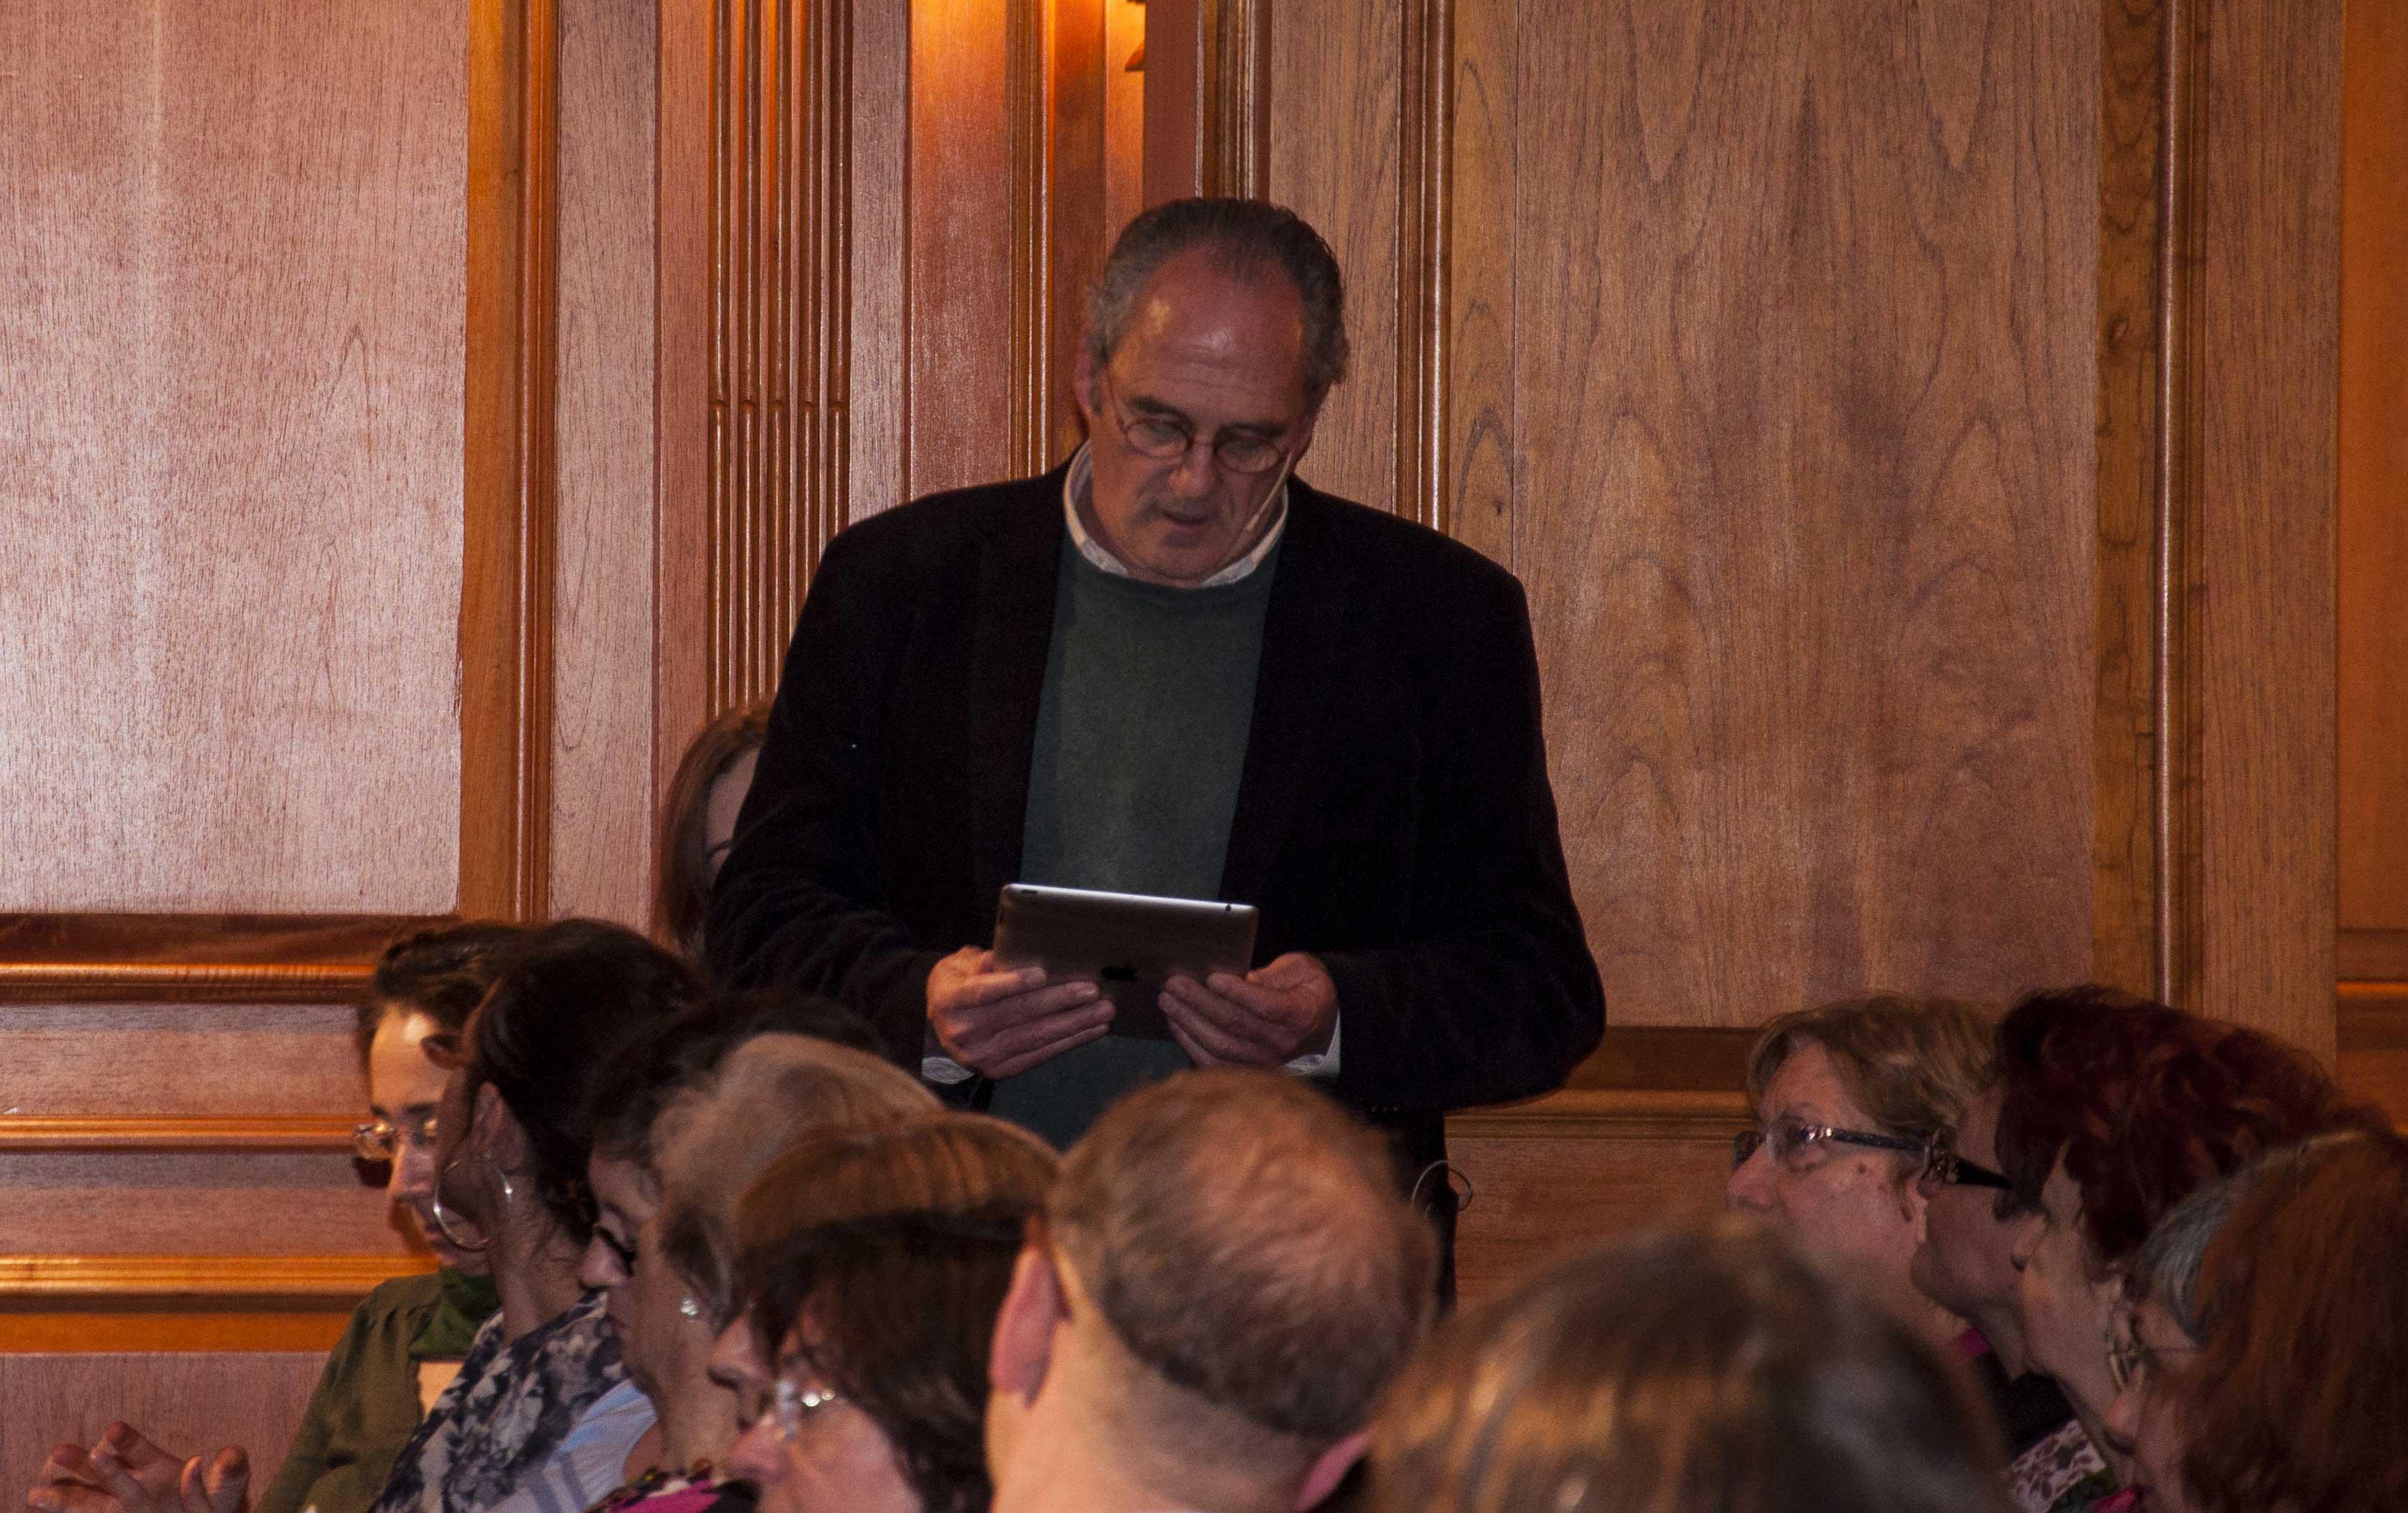 Carlos Olalla recitando a Salvador Espriu.